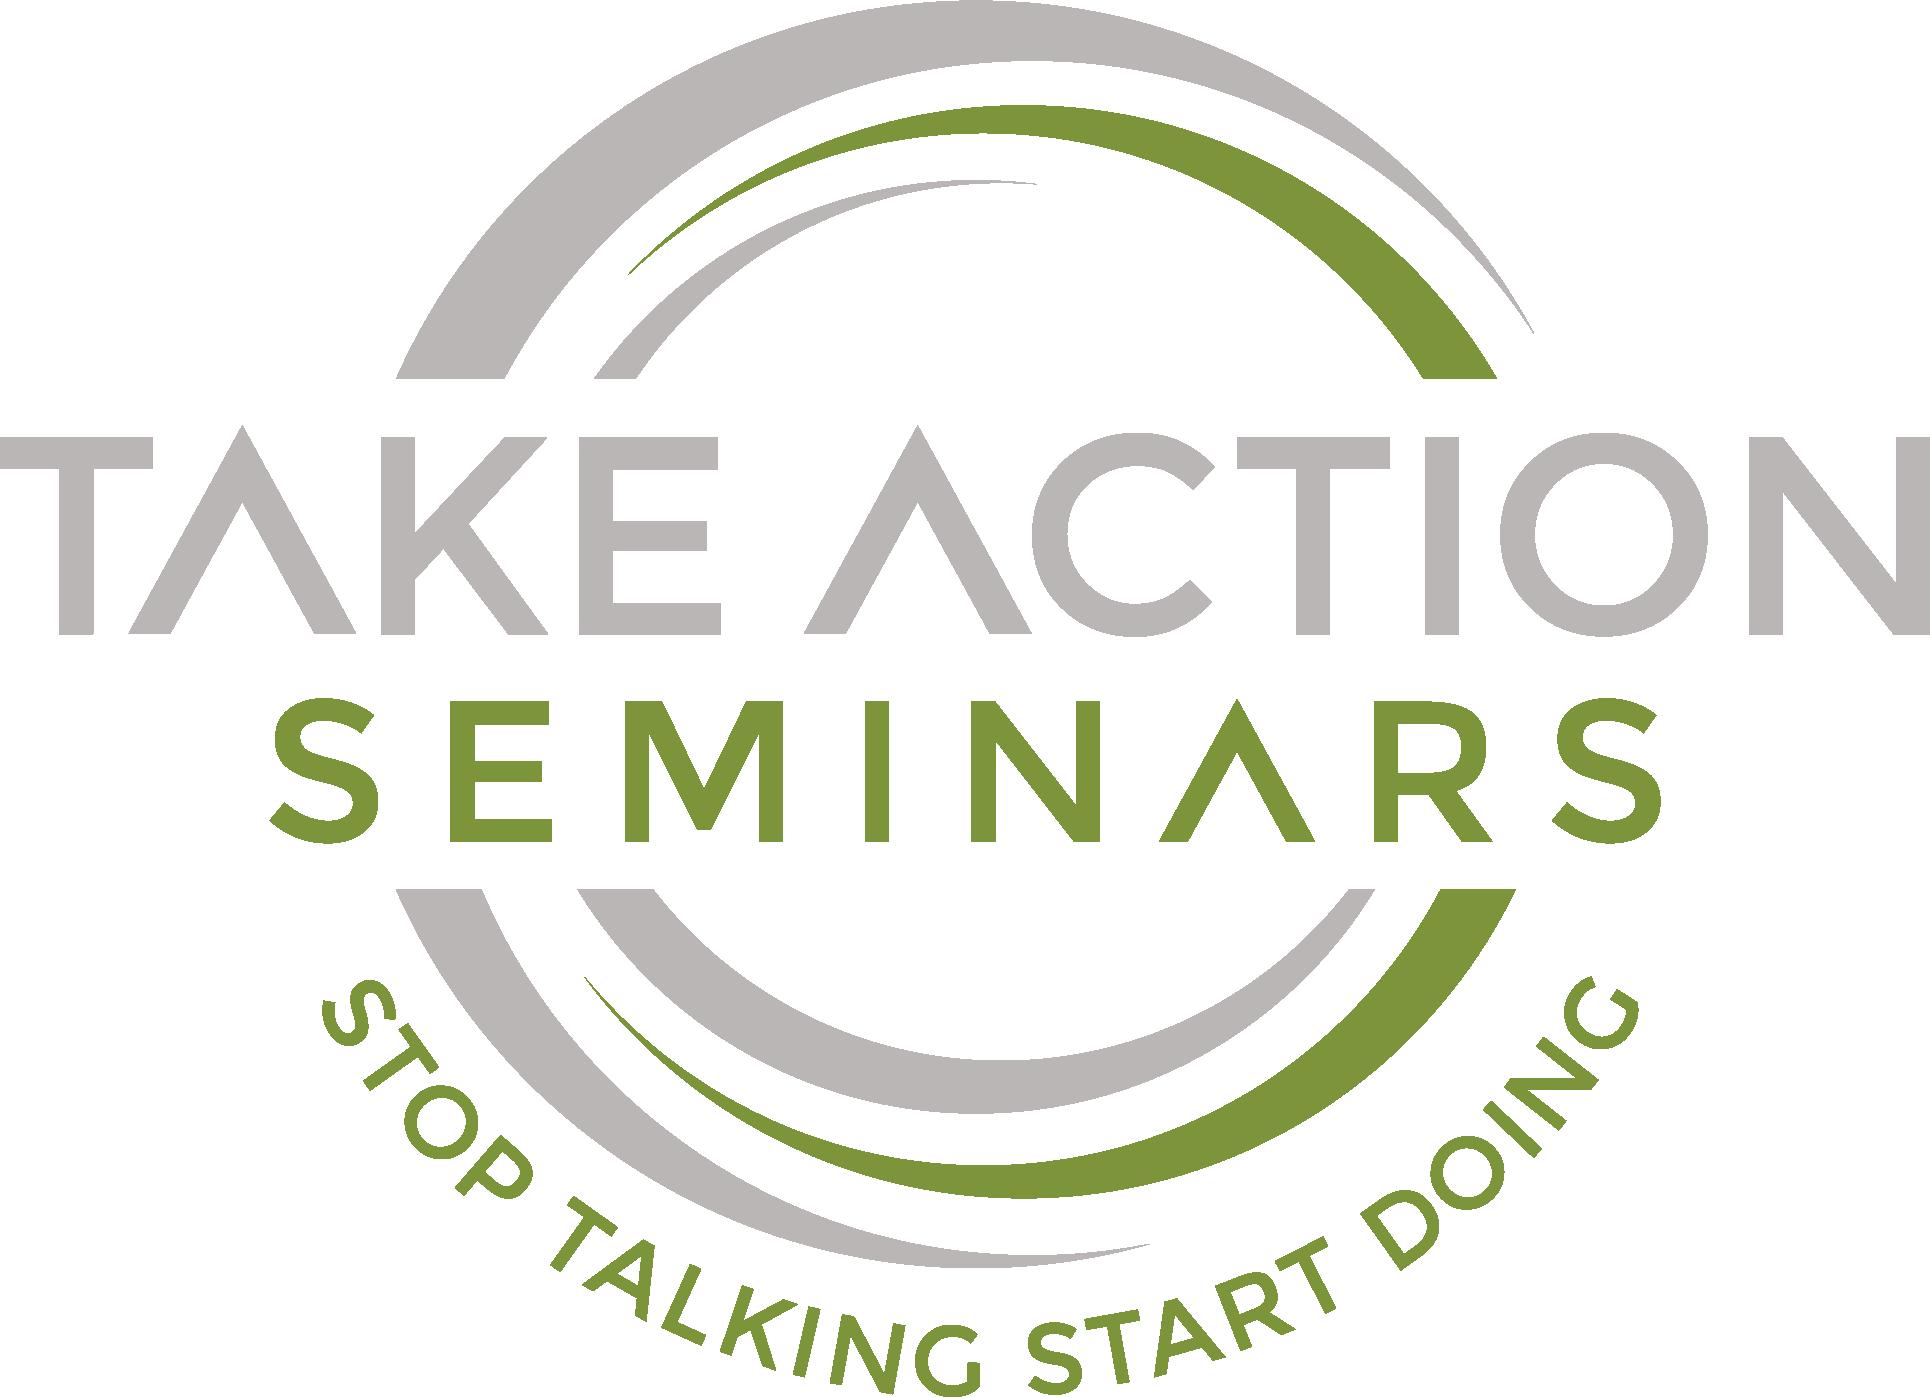 Take Action Seminar Logo Design